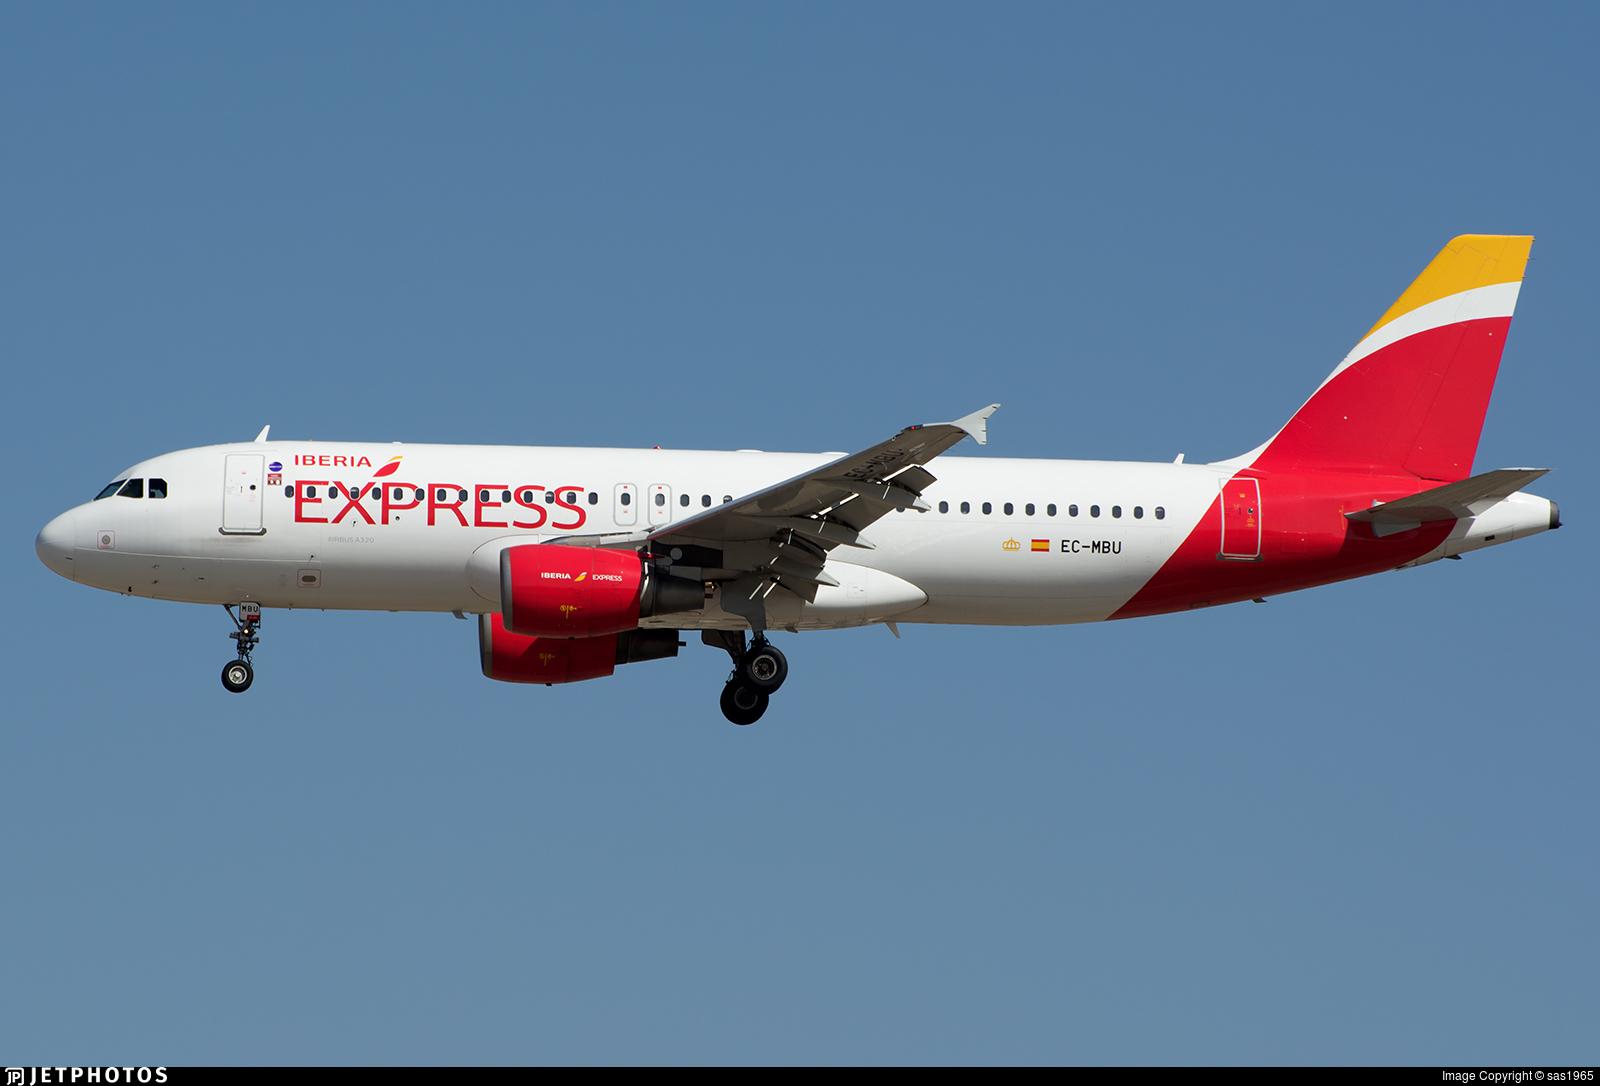 EC-MBU Airbus A320-214 Iberia Express sas1965 JetPhotos